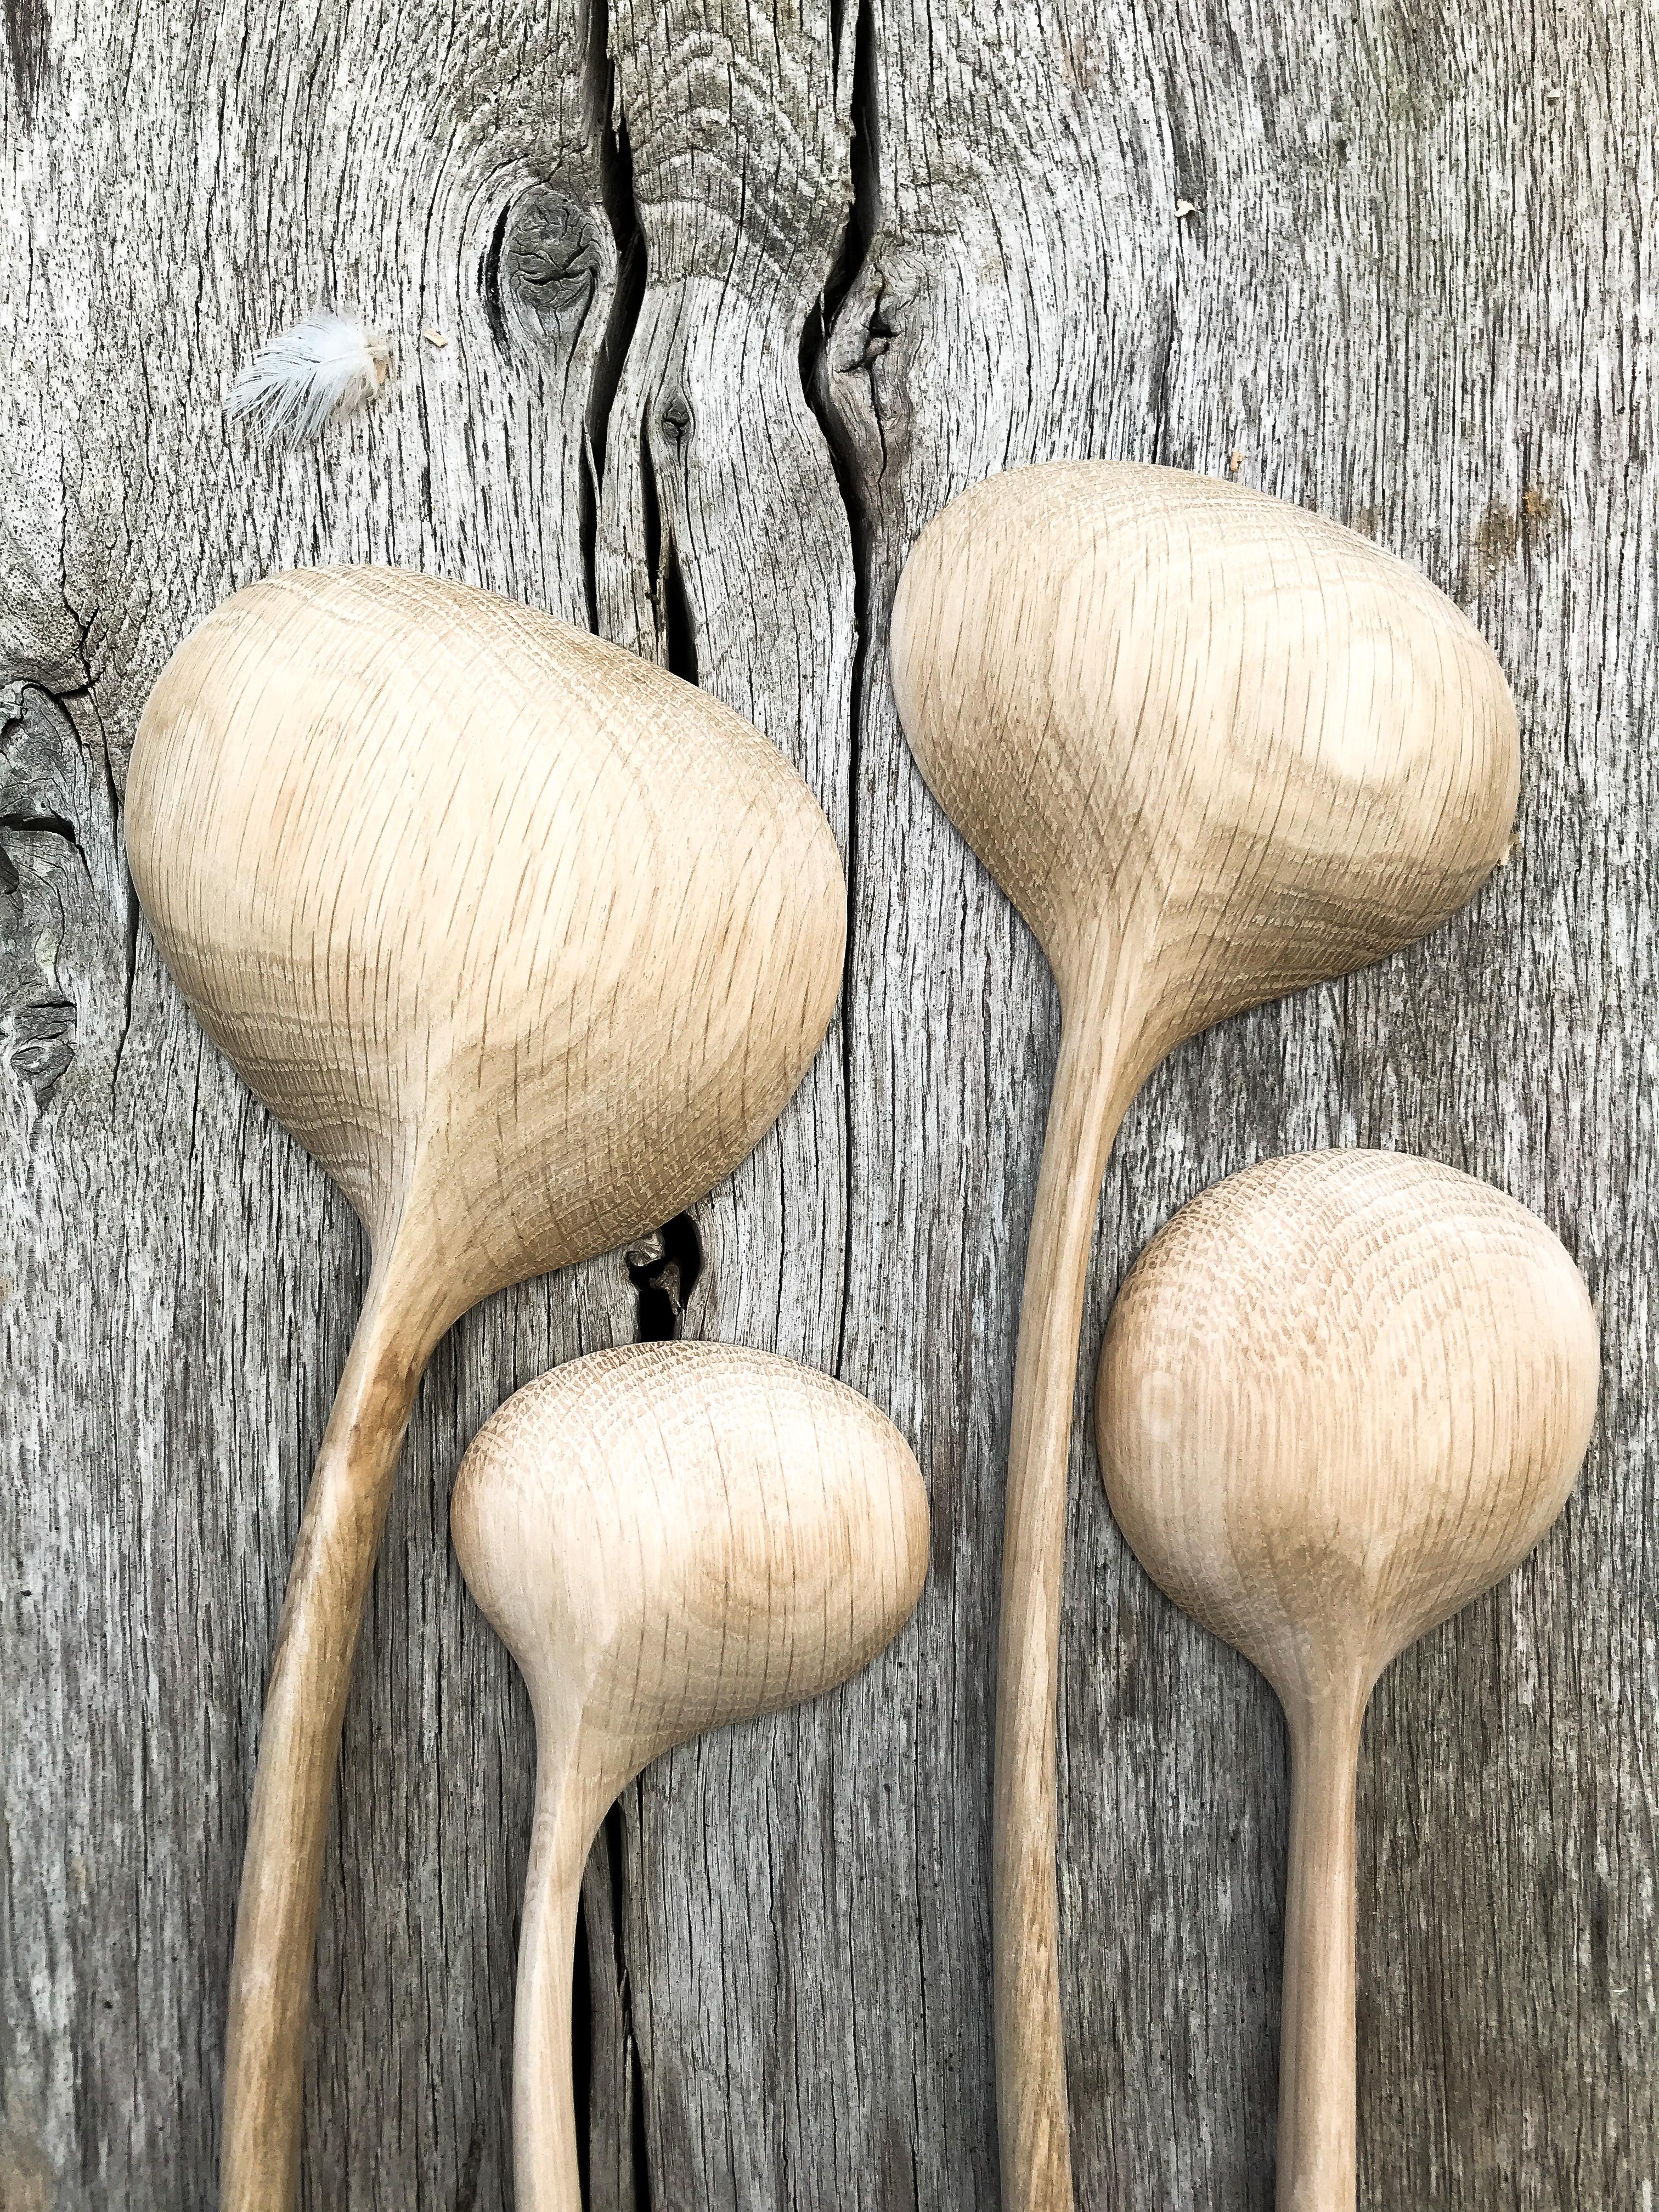 Jamie Gaunt spoon carving